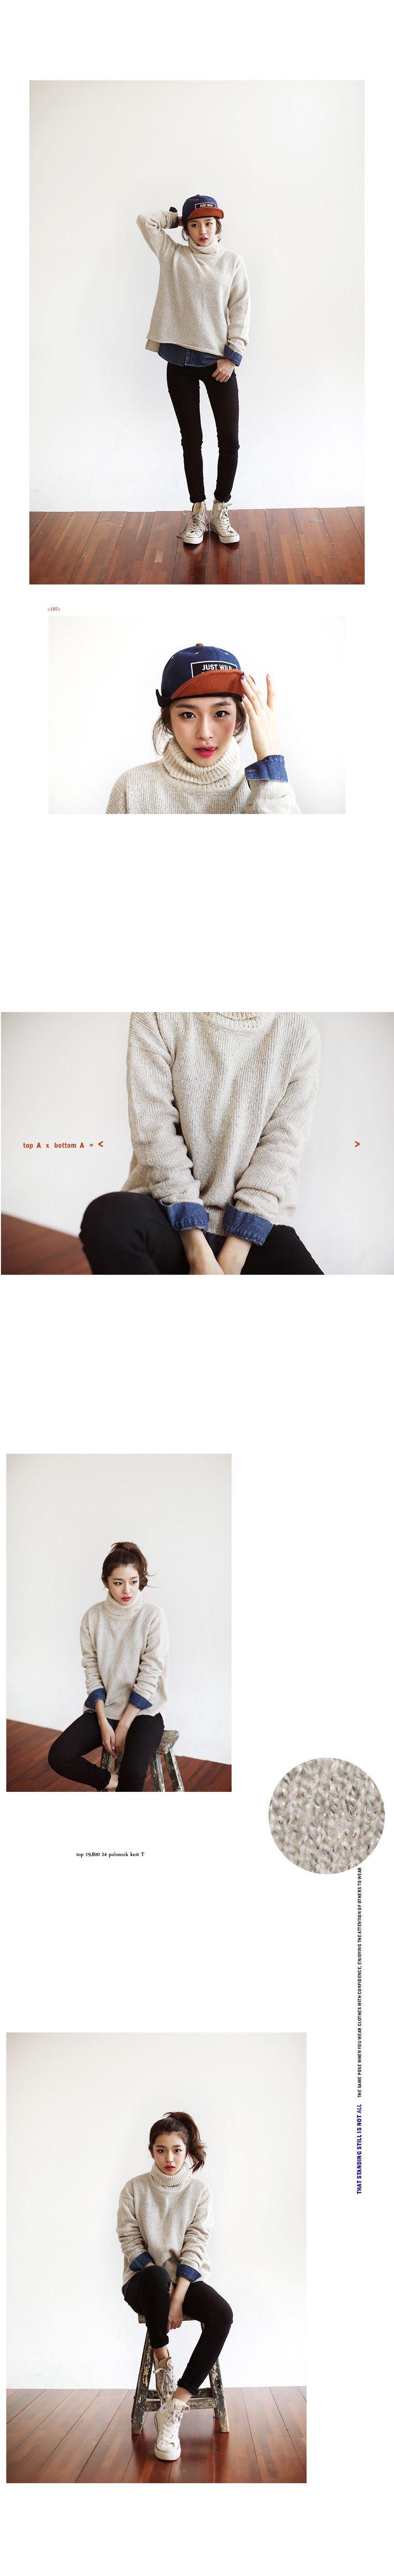 7129 カジュアルブルーデニムシャツ・全1色シャツ・ブラウスシャツ|レディースファッション通販 DHOLICディーホリック [ファストファッション 水着 ワンピース]